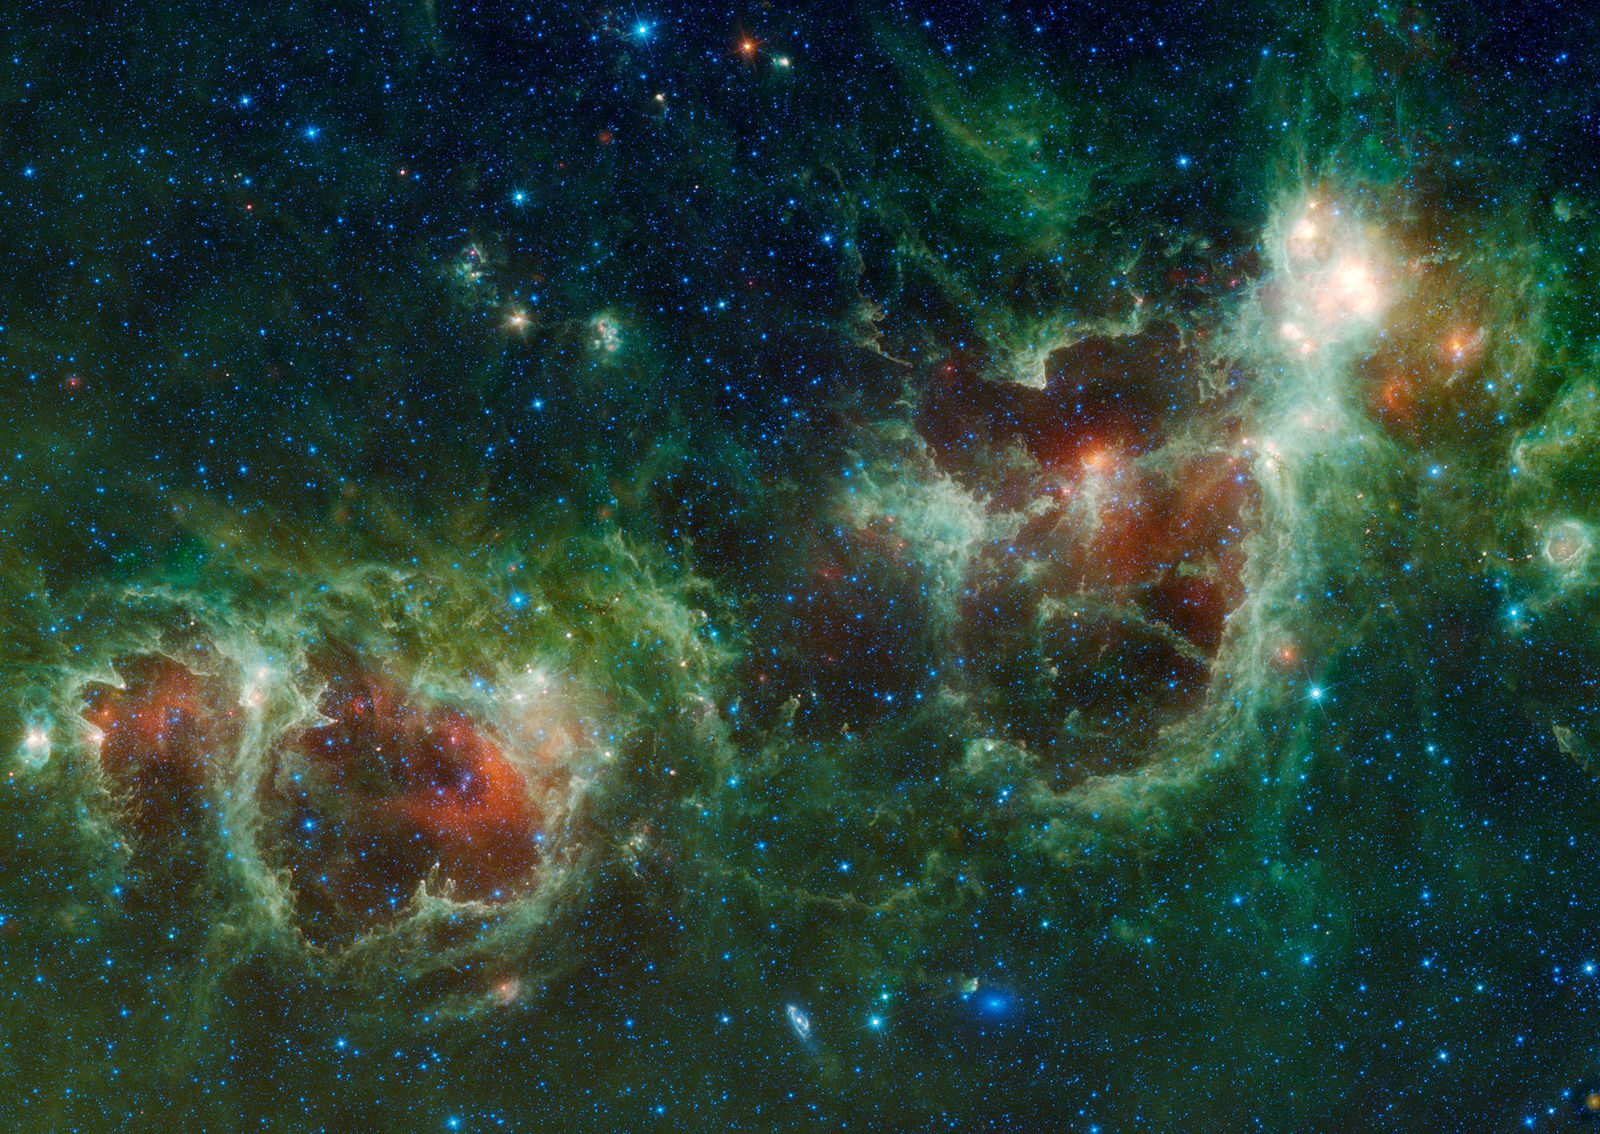 Le nebulose Anima (<i>a sinistra</i>) e Cuore, in un mosaico di immagini nell'infrarosso acquisite dal telescopio spaziale WISE. Cortesia: NASA / JPL-Caltech / UCLA